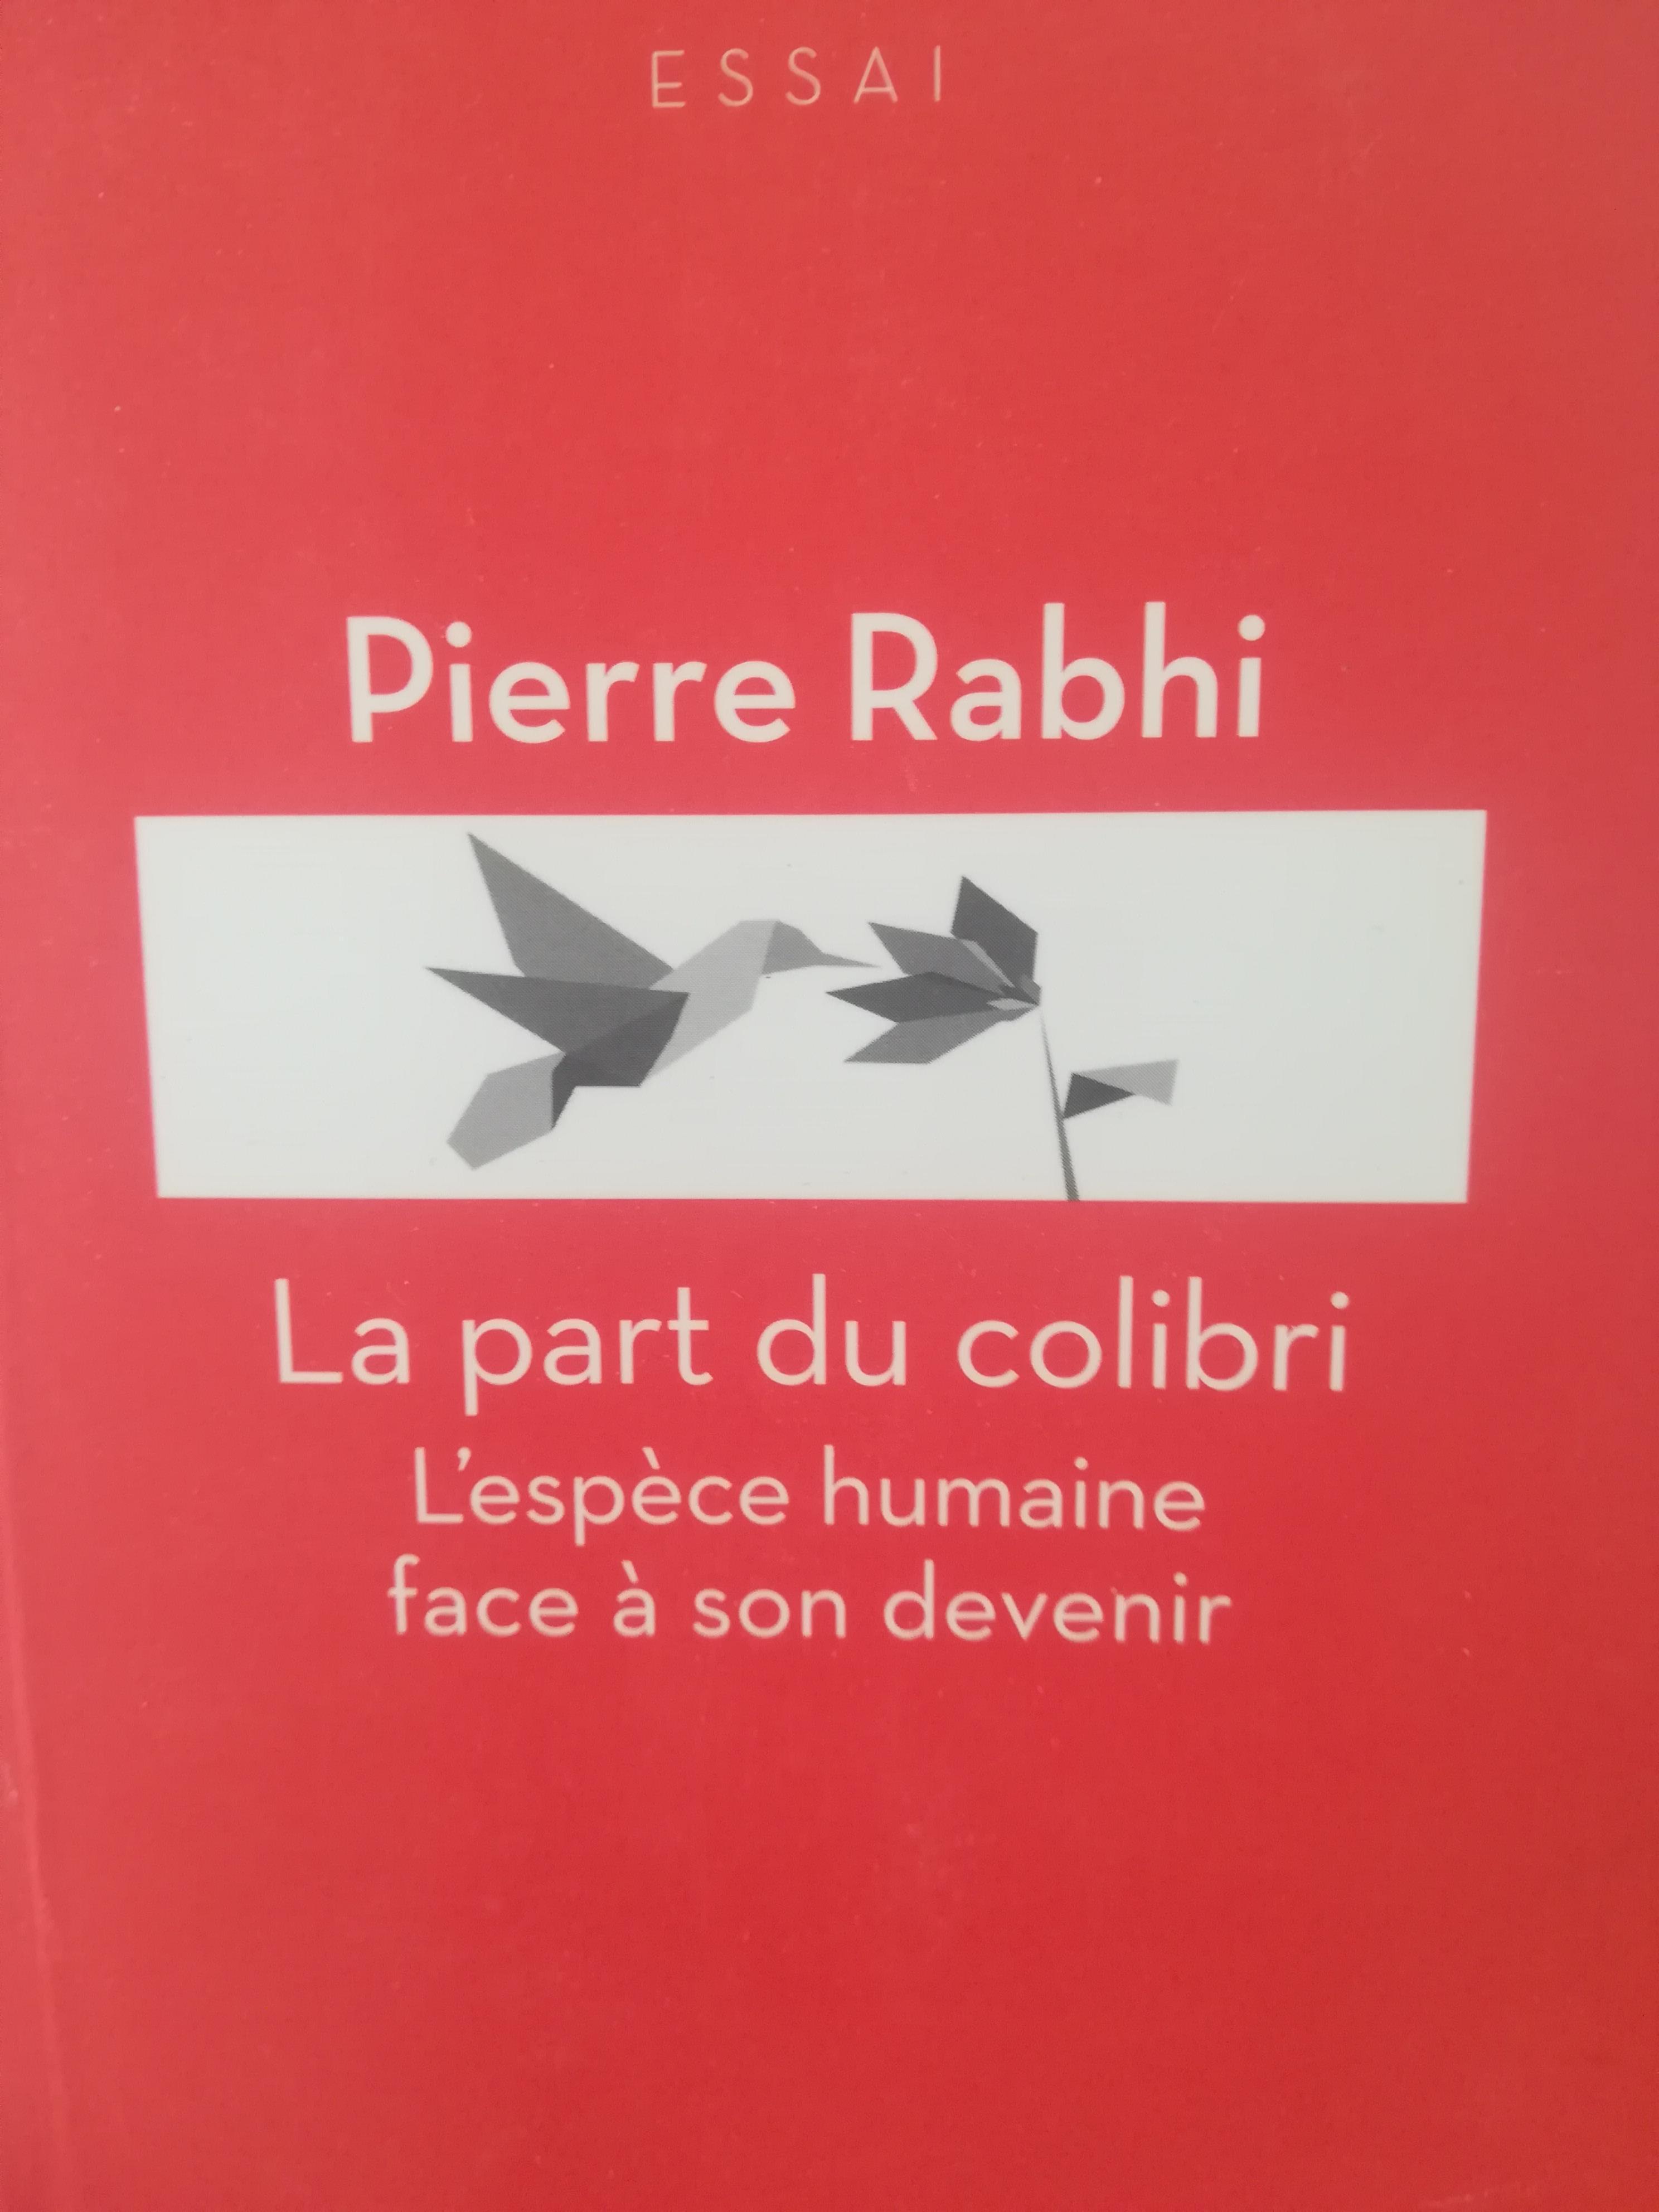 troc de troc livre la part du colibri pierre rhabi image 0